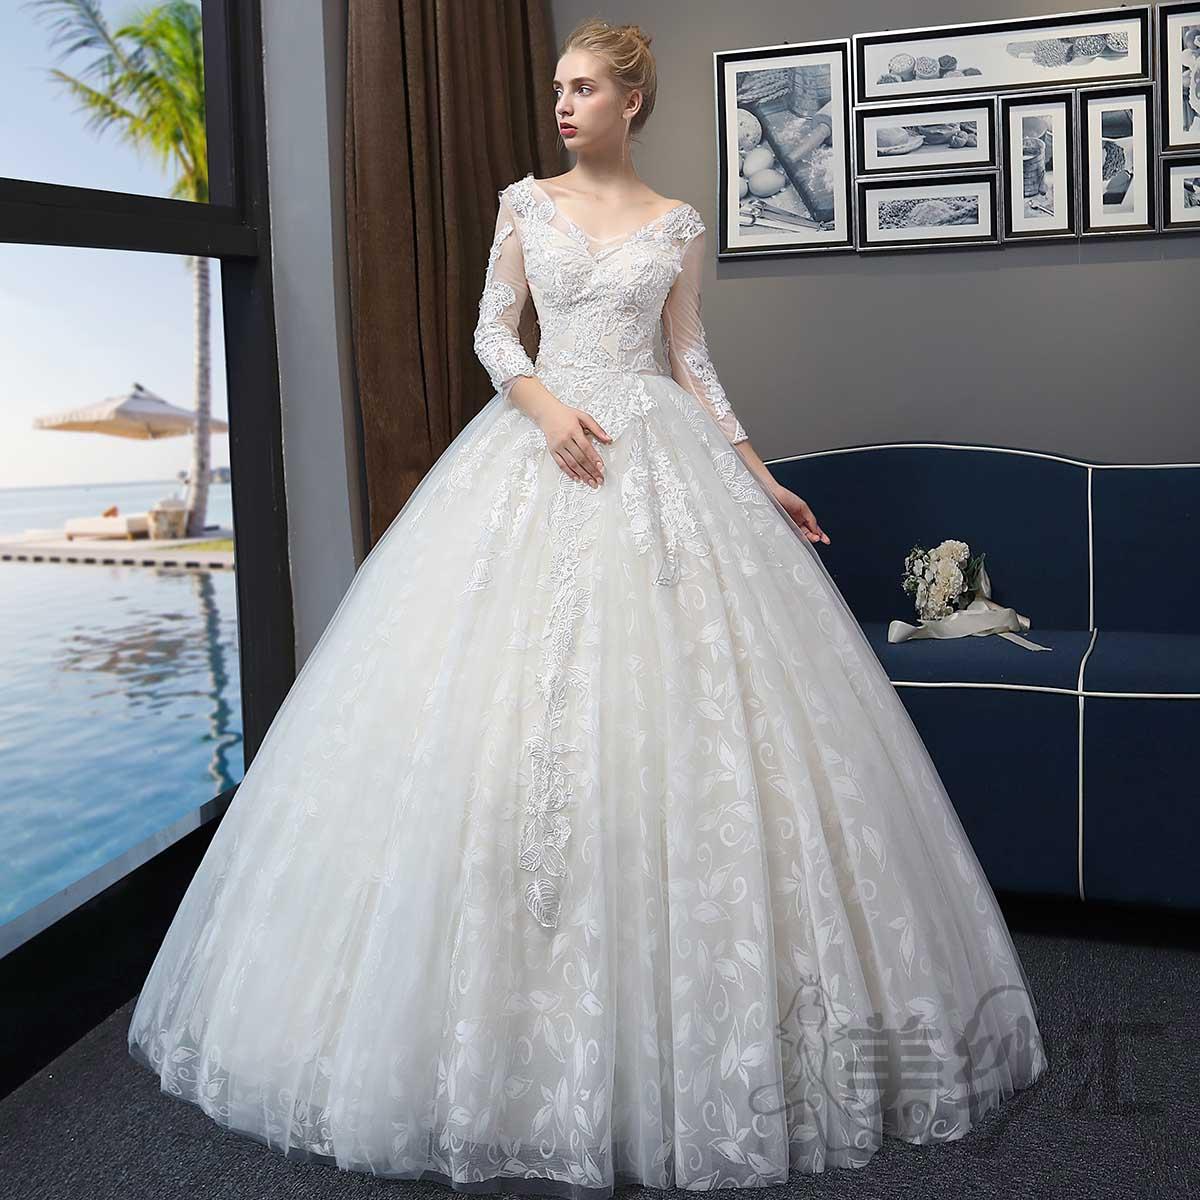 七分袖精美花纹图案新娘结婚当天嫁衣齐地婚纱绑带款1010722798 米白色 均码